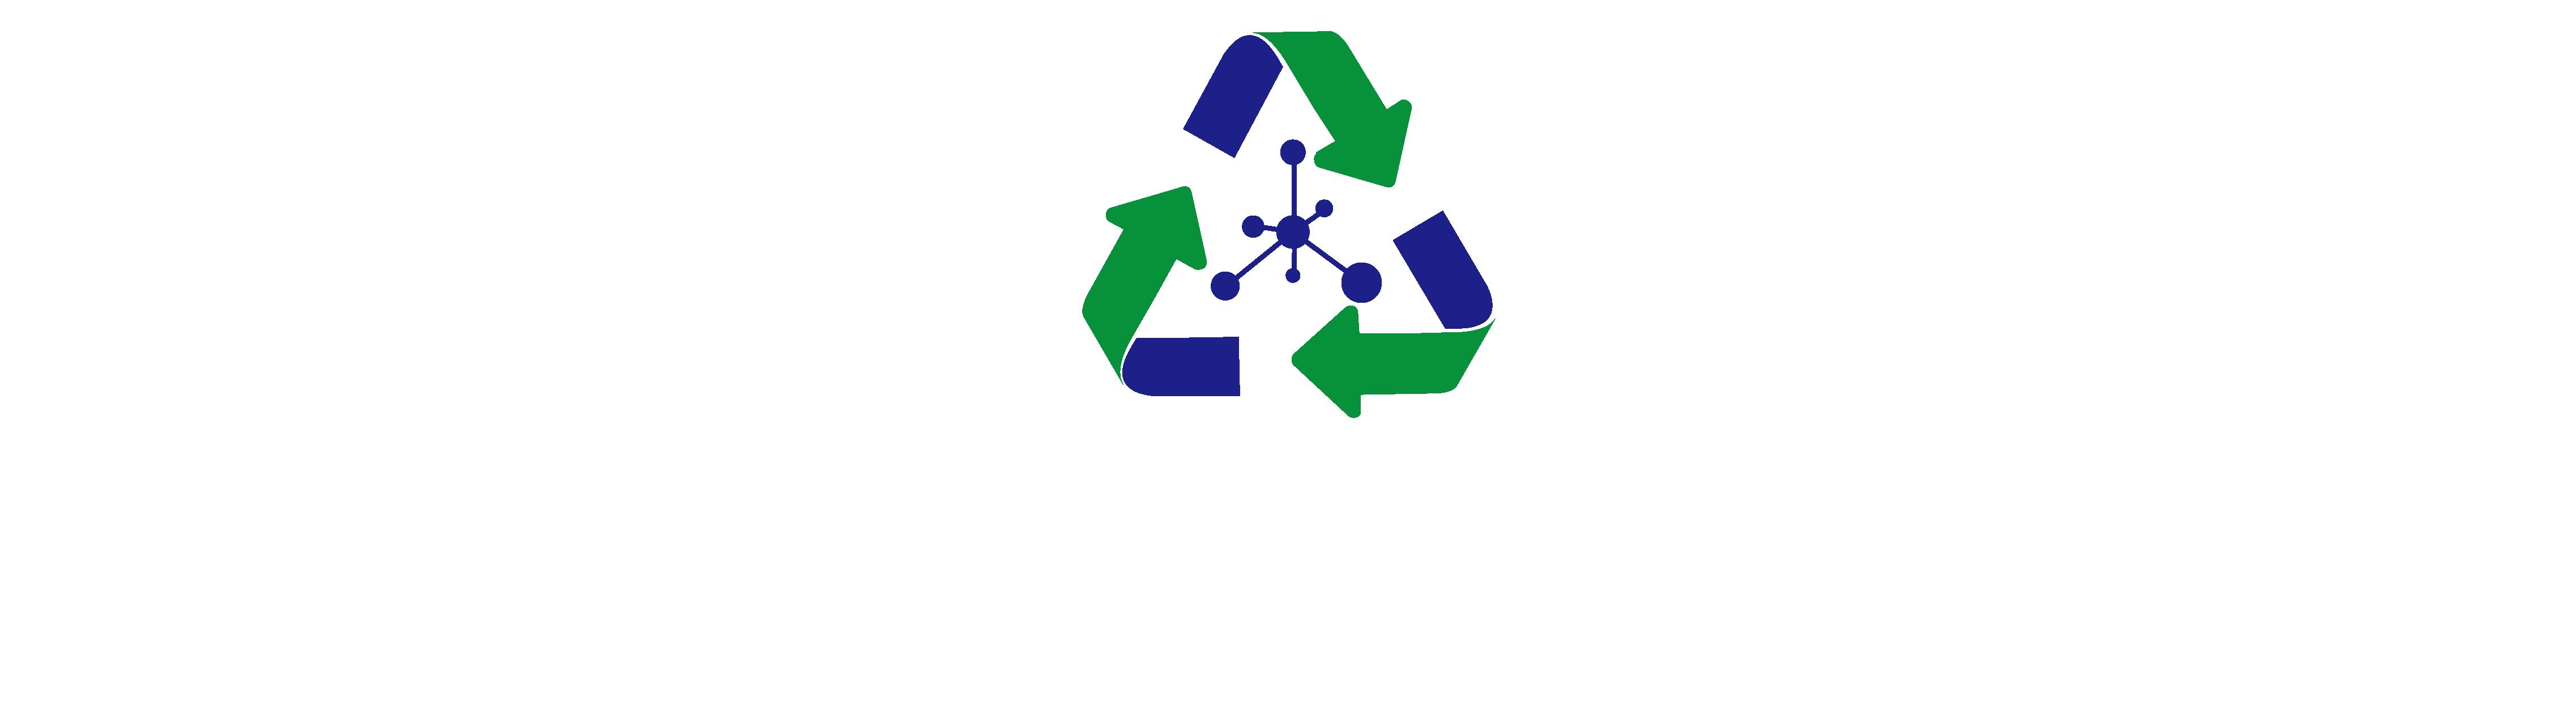 集团logo-04